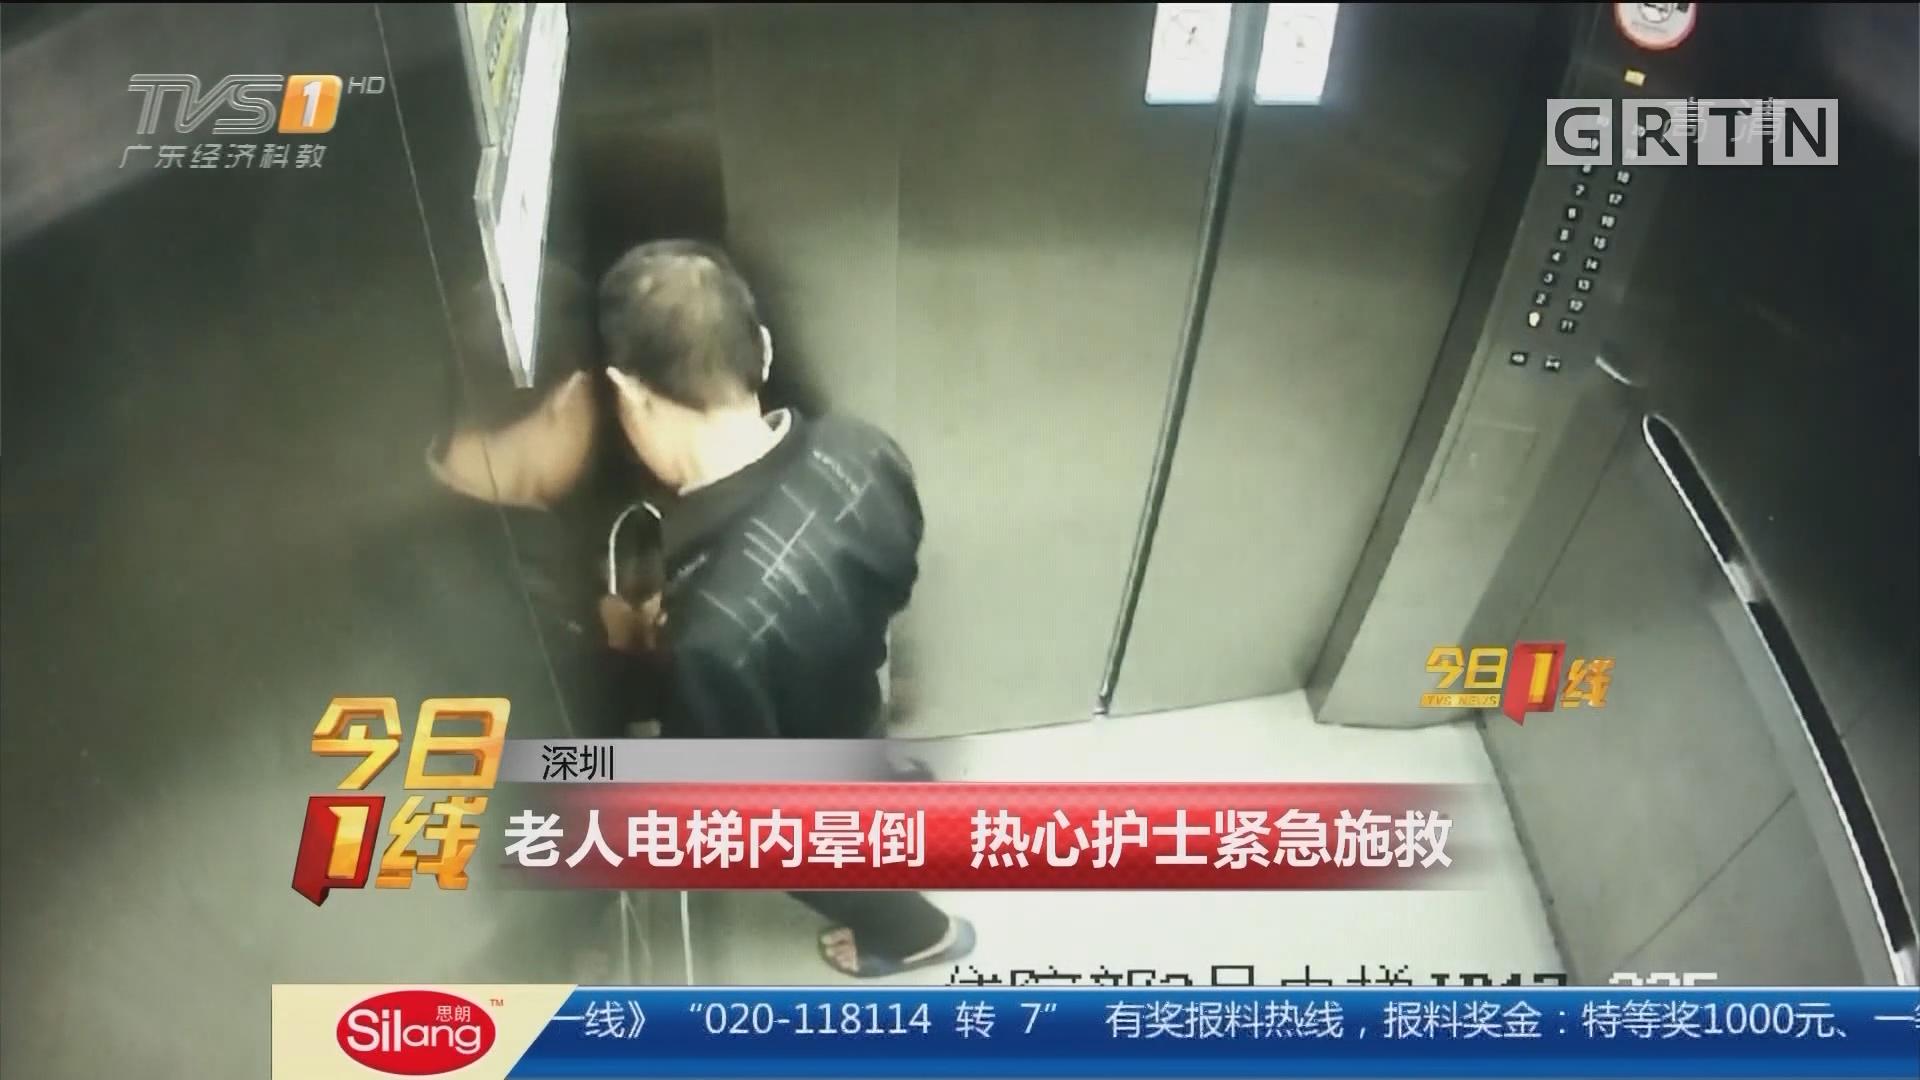 深圳:老人电梯内晕倒 热心护士紧急施救